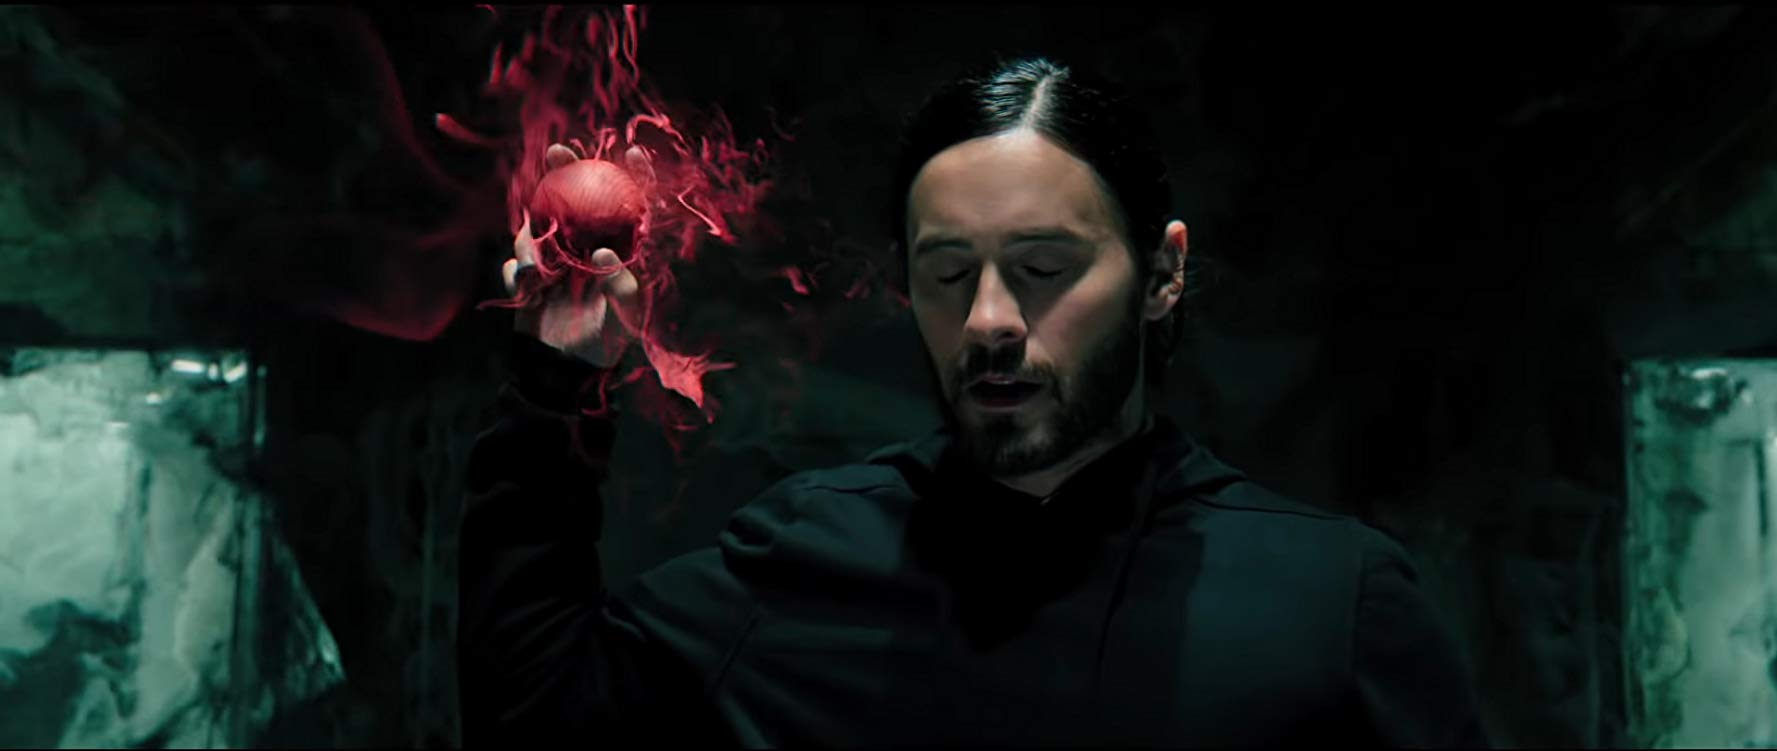 Жажда крови и оживший костюм: наReddit опубликовали сценарий «Морбиуса» от Sony 4